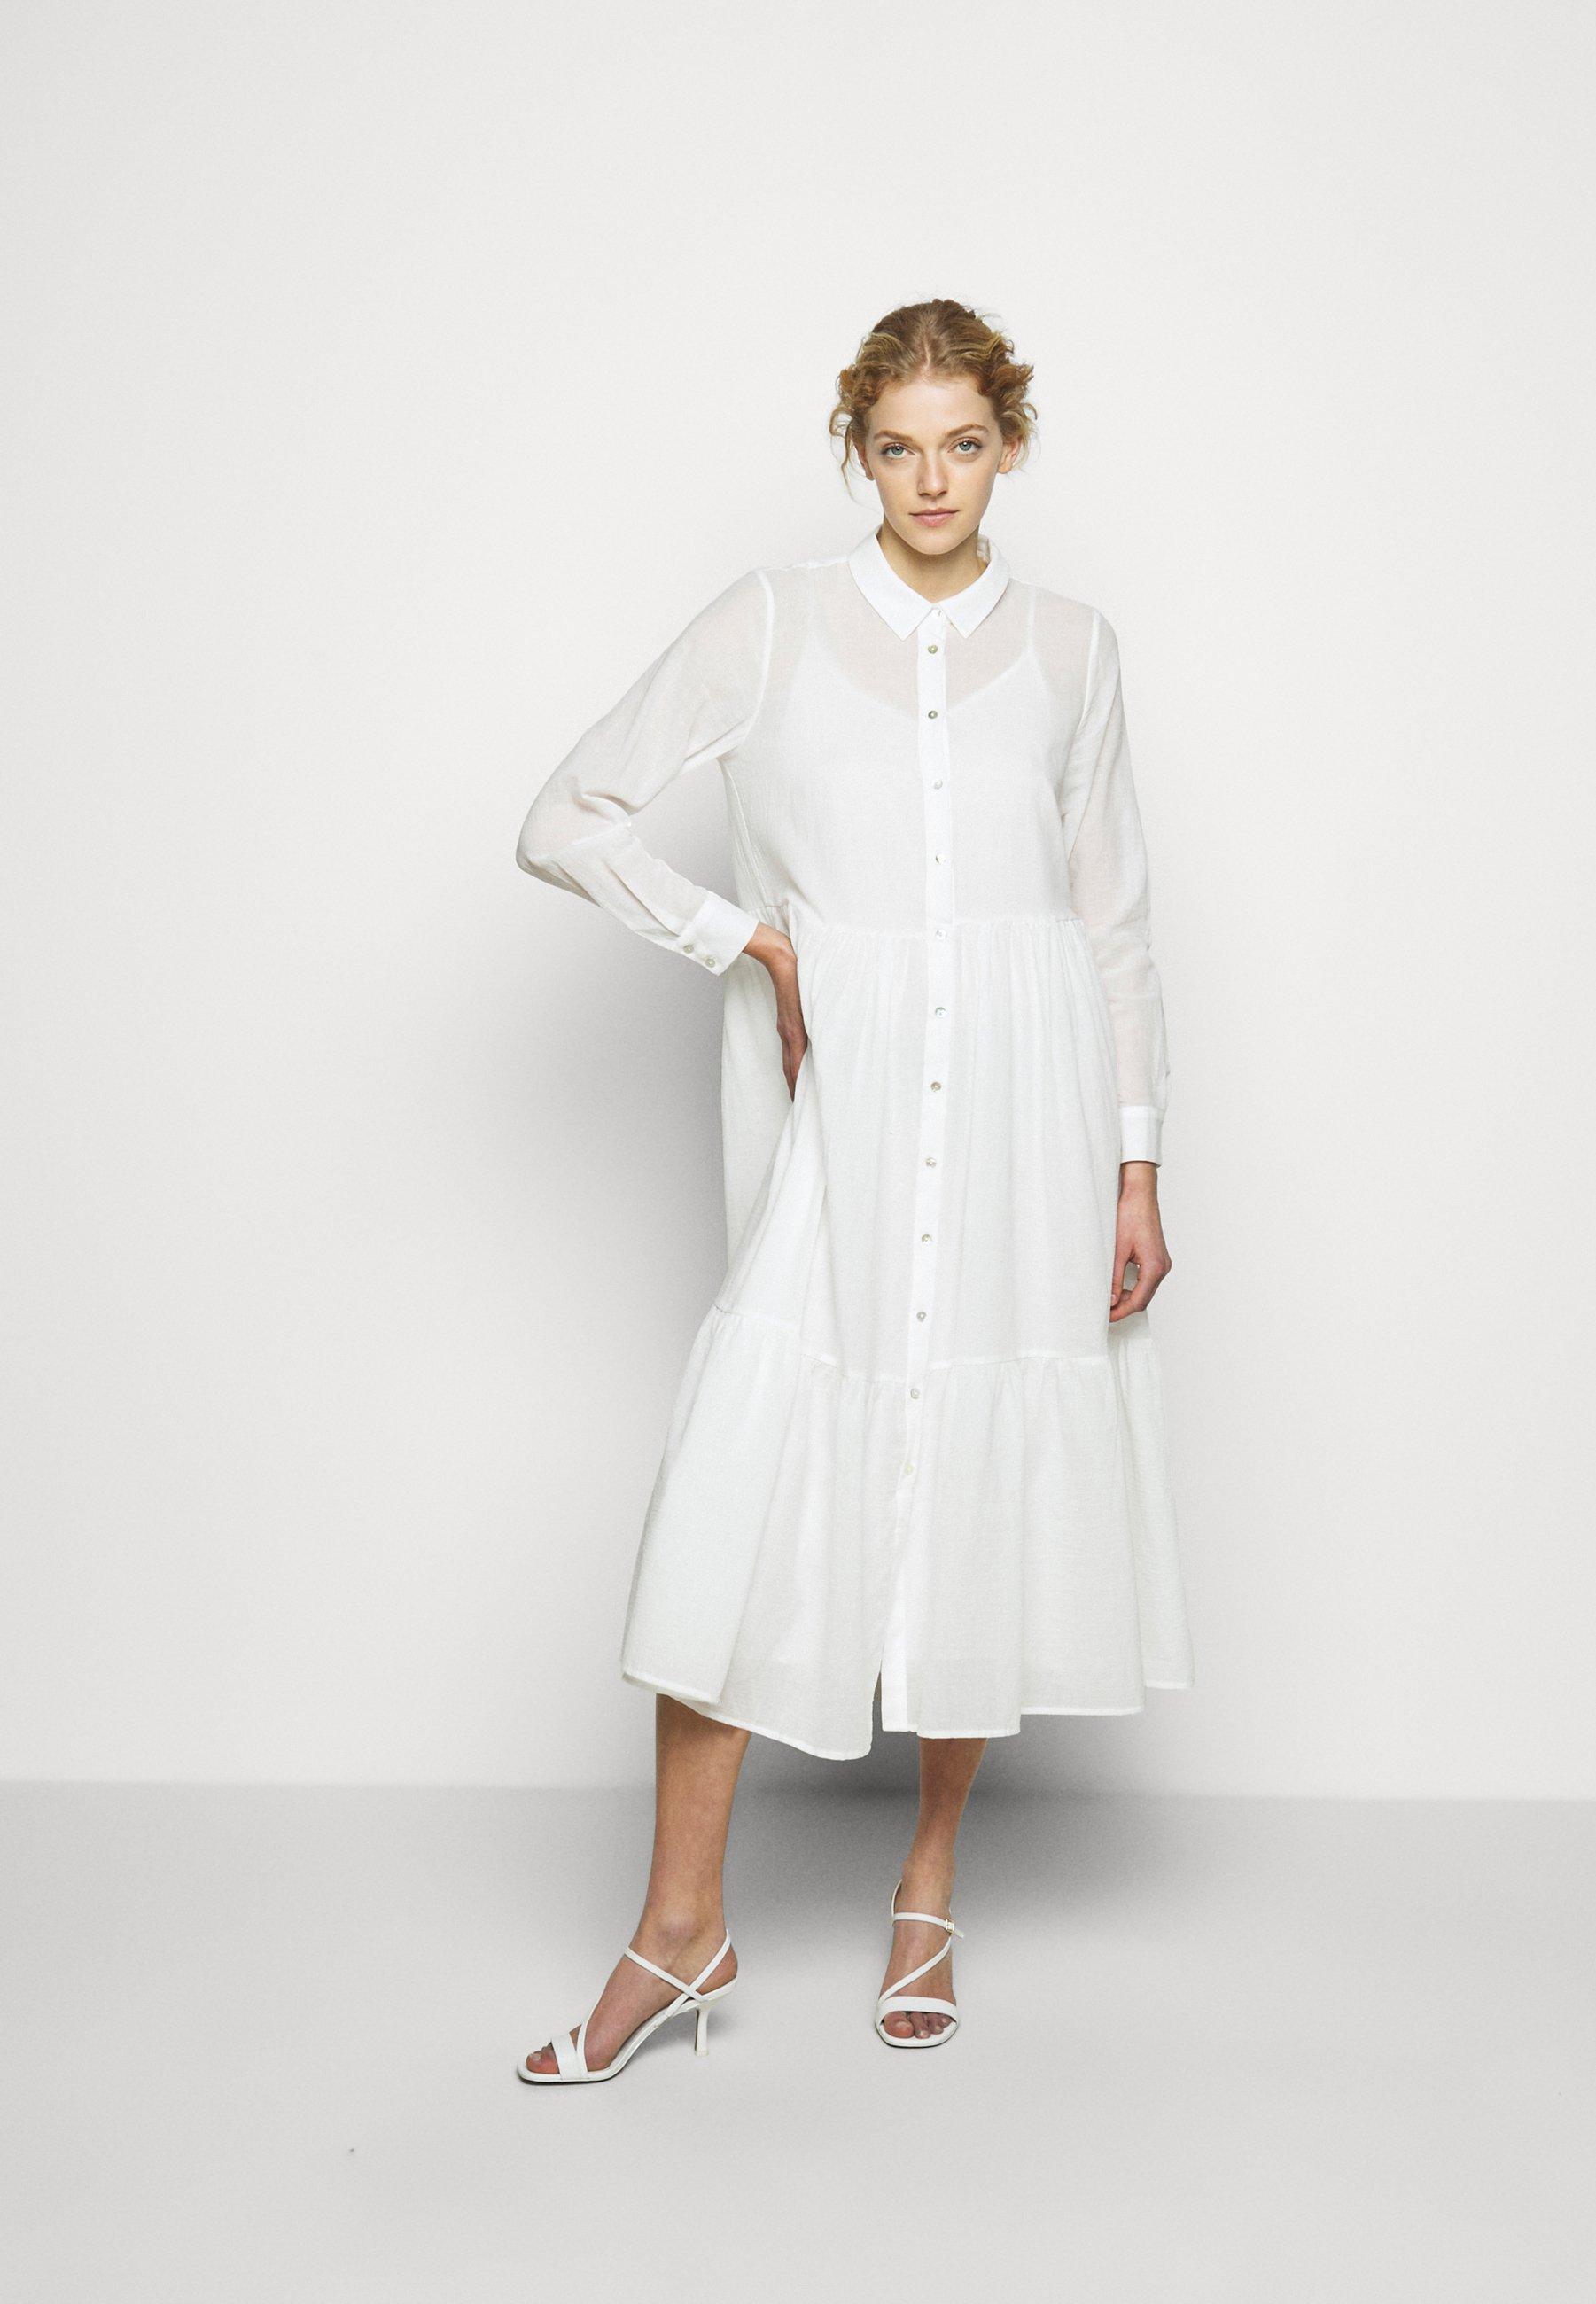 Women KATHIS GANA DRESS - Shirt dress